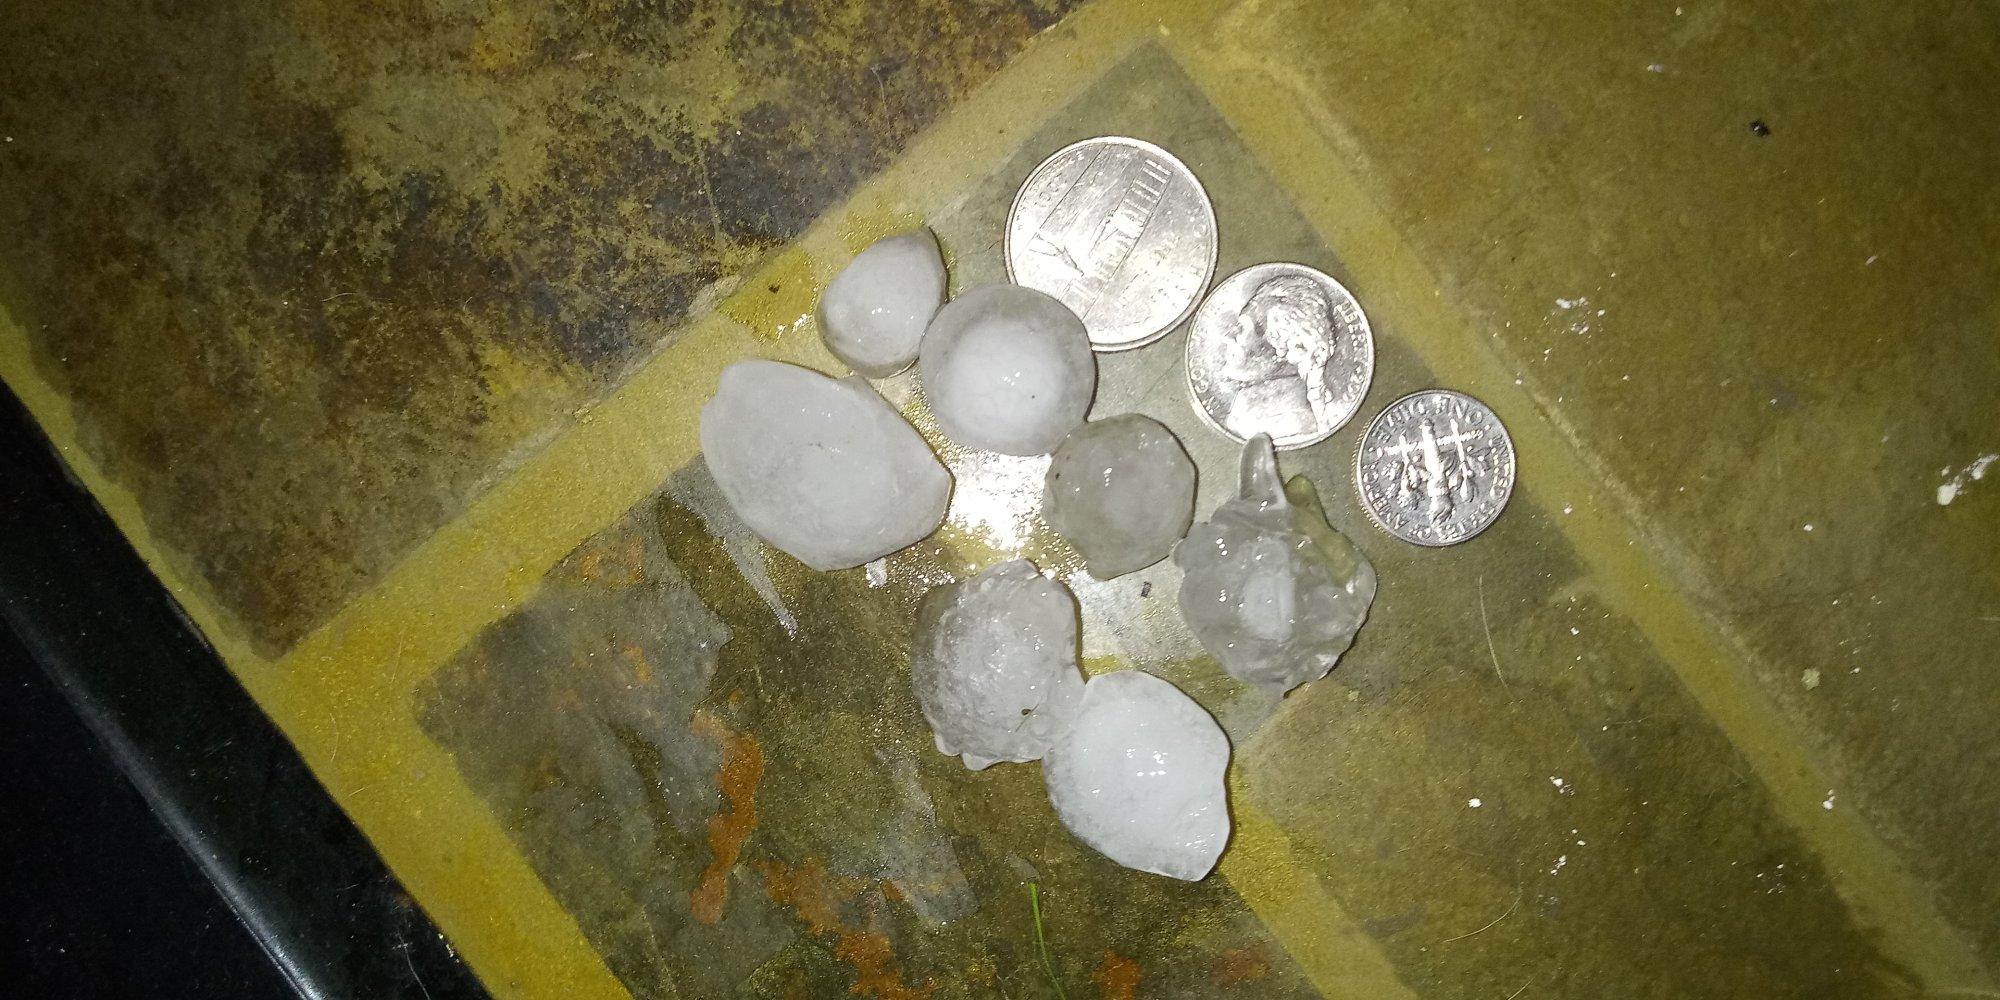 Hail in Sallisaw courtesy of Wyndmara Griffin.